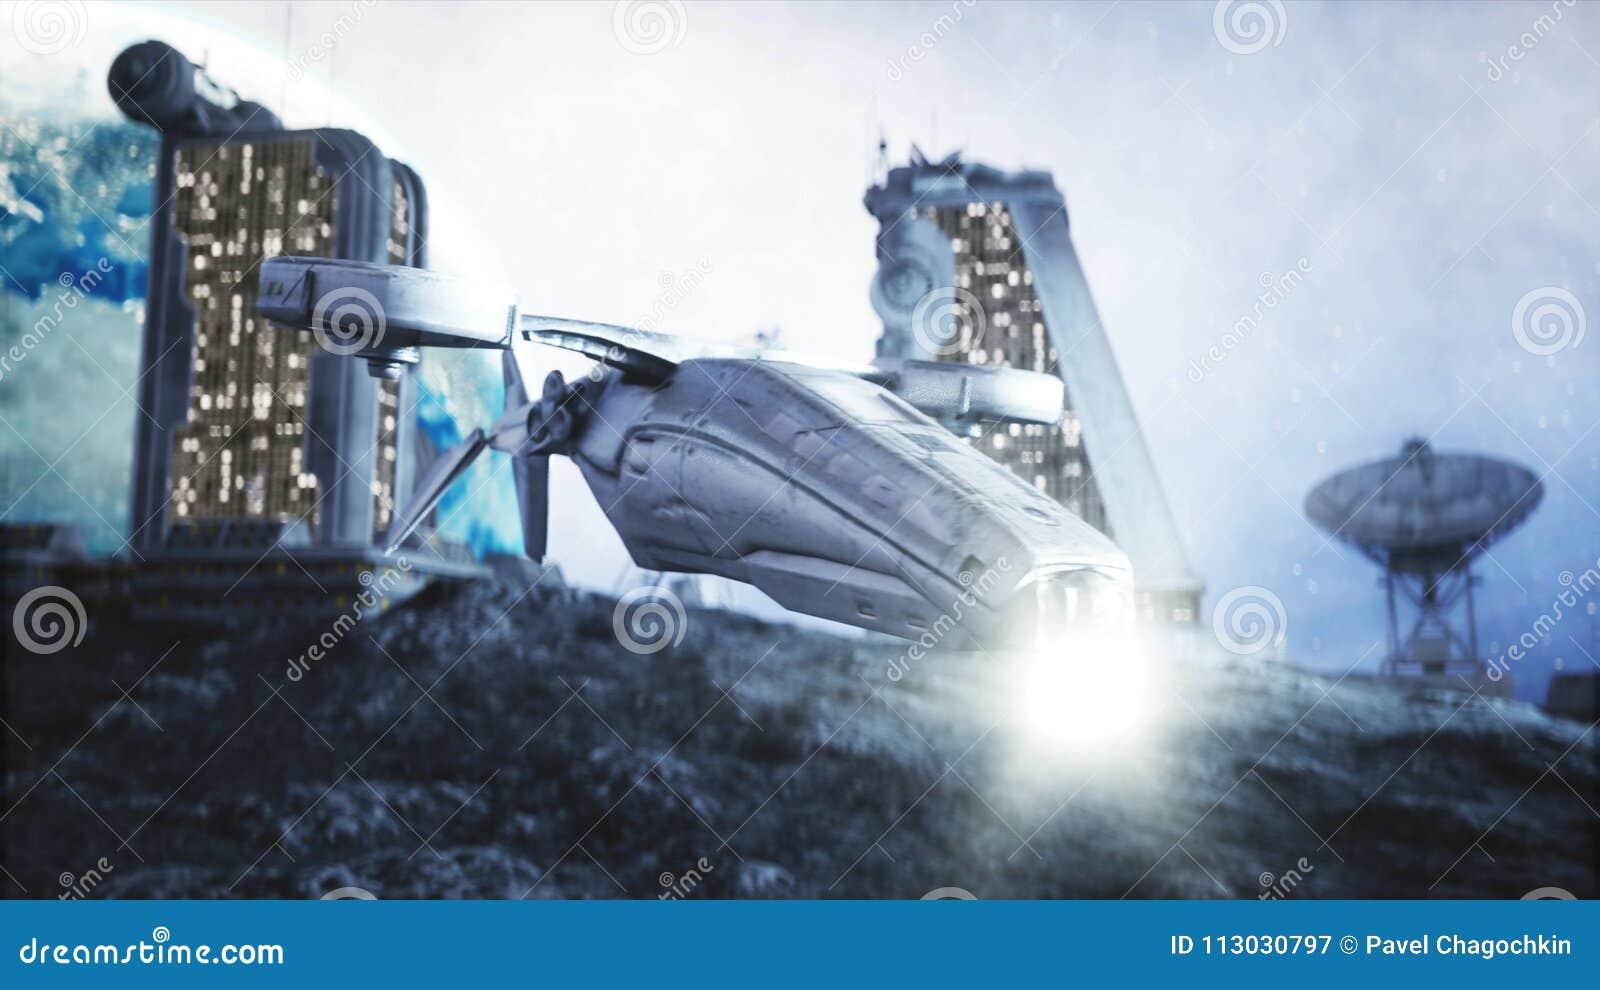 Mosca militar del vehículo espacial en la luna Colonia de la luna Backround de la tierra representación 3d